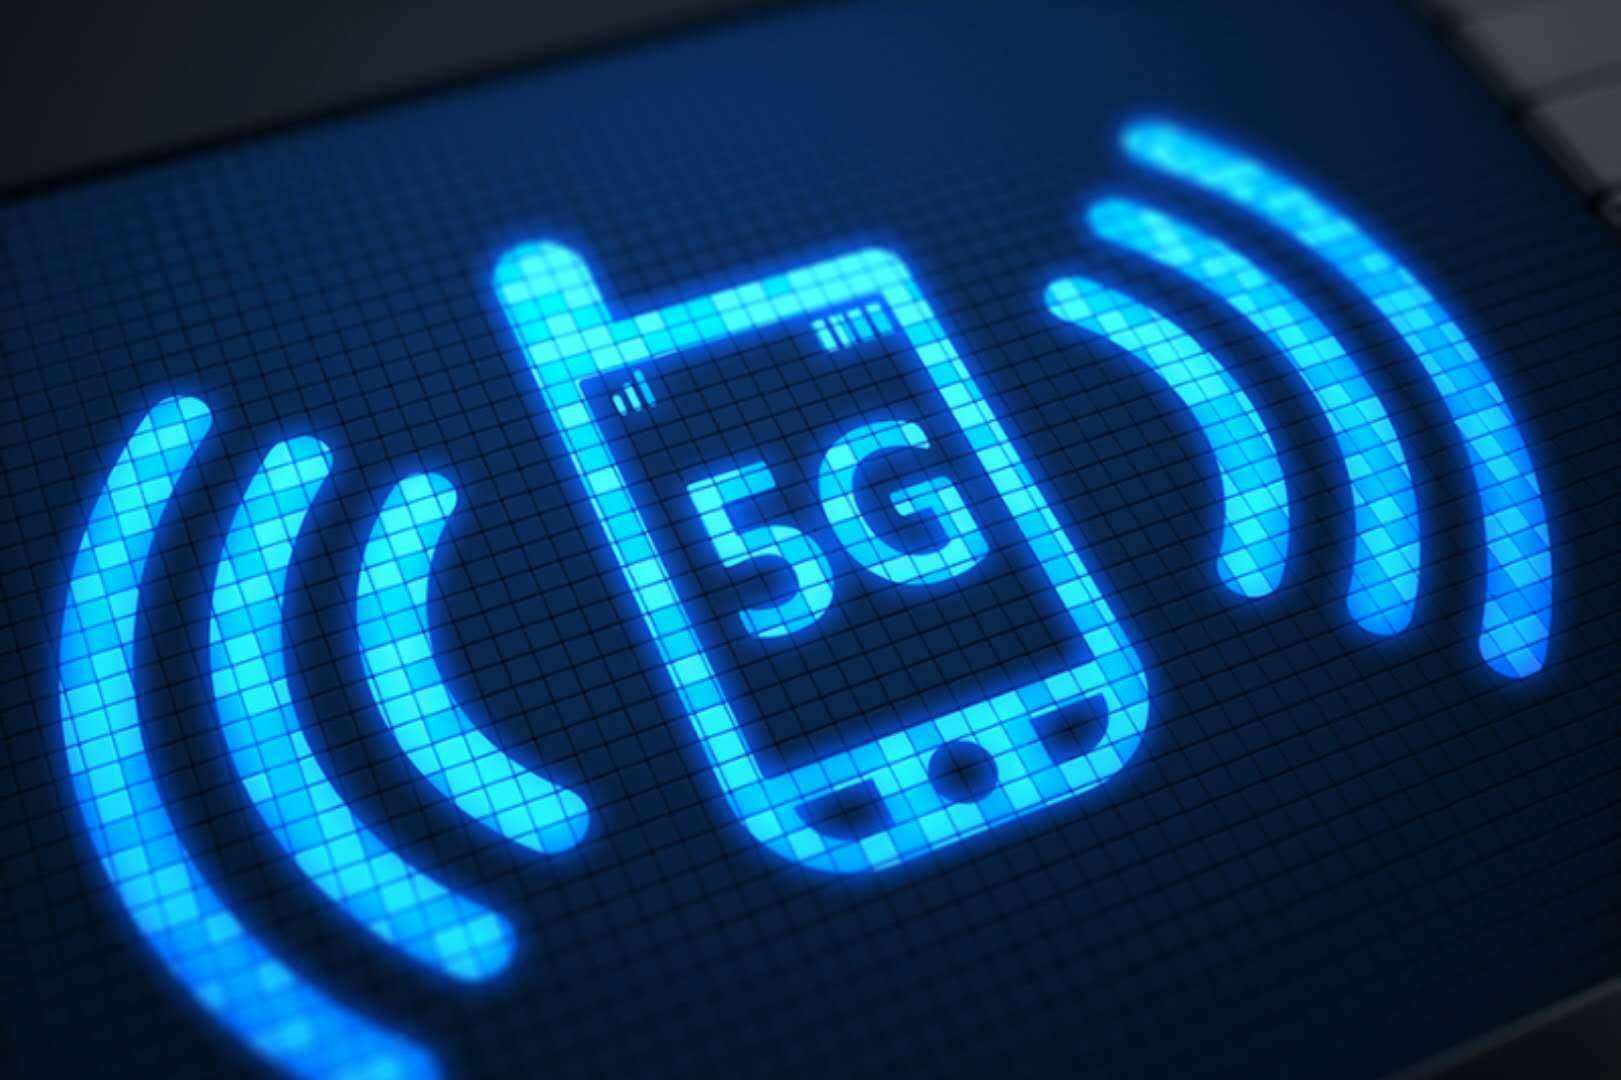 政策解读:瞄准汽车、家电和5G 促消费 24条新举措来了